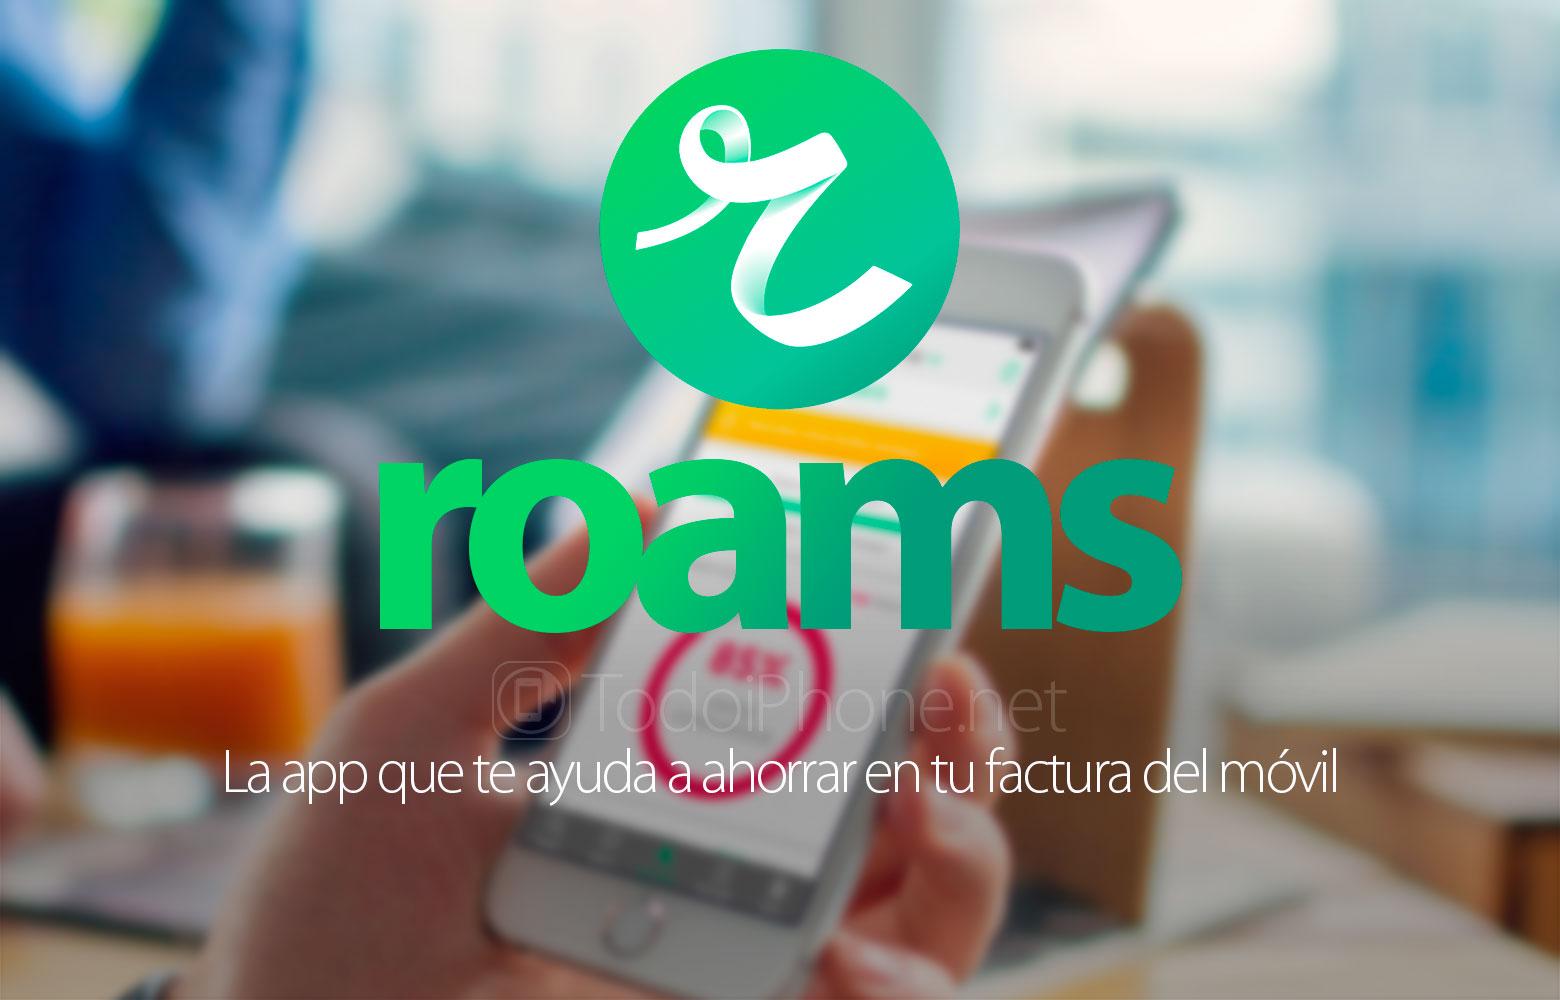 Roams, mobil ödəmələrə qənaət etmək üçün bir tətbiq 2